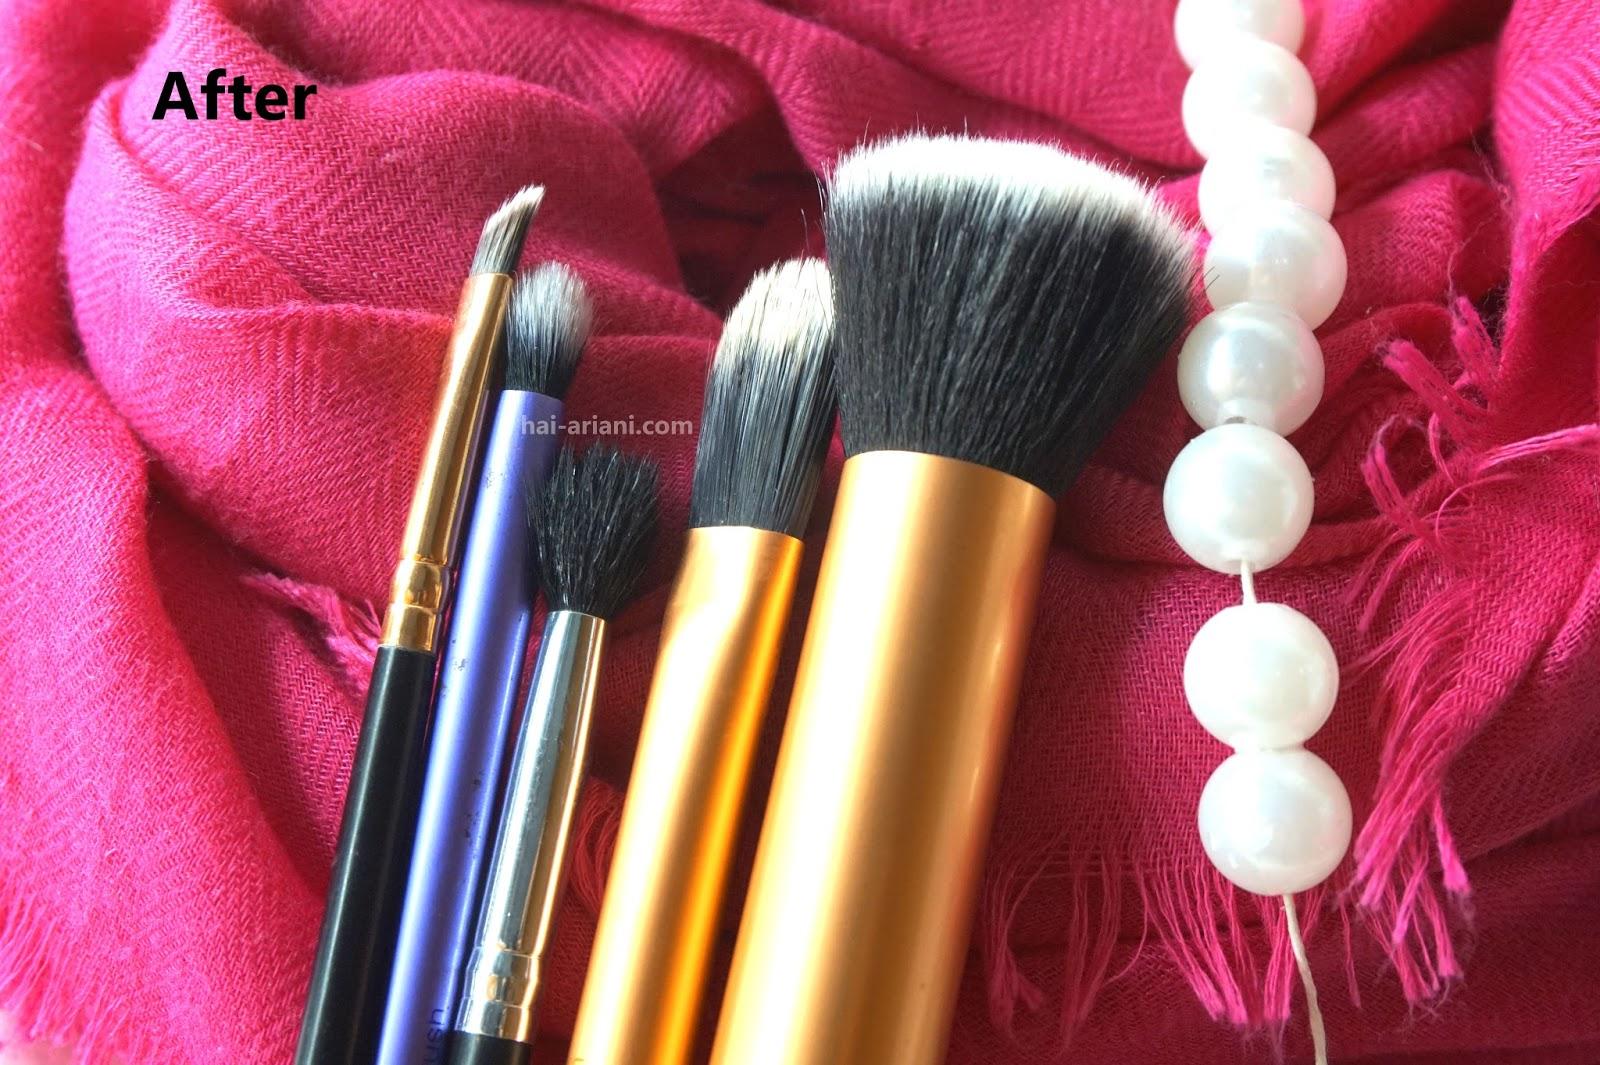 cara mencuci brush makeup